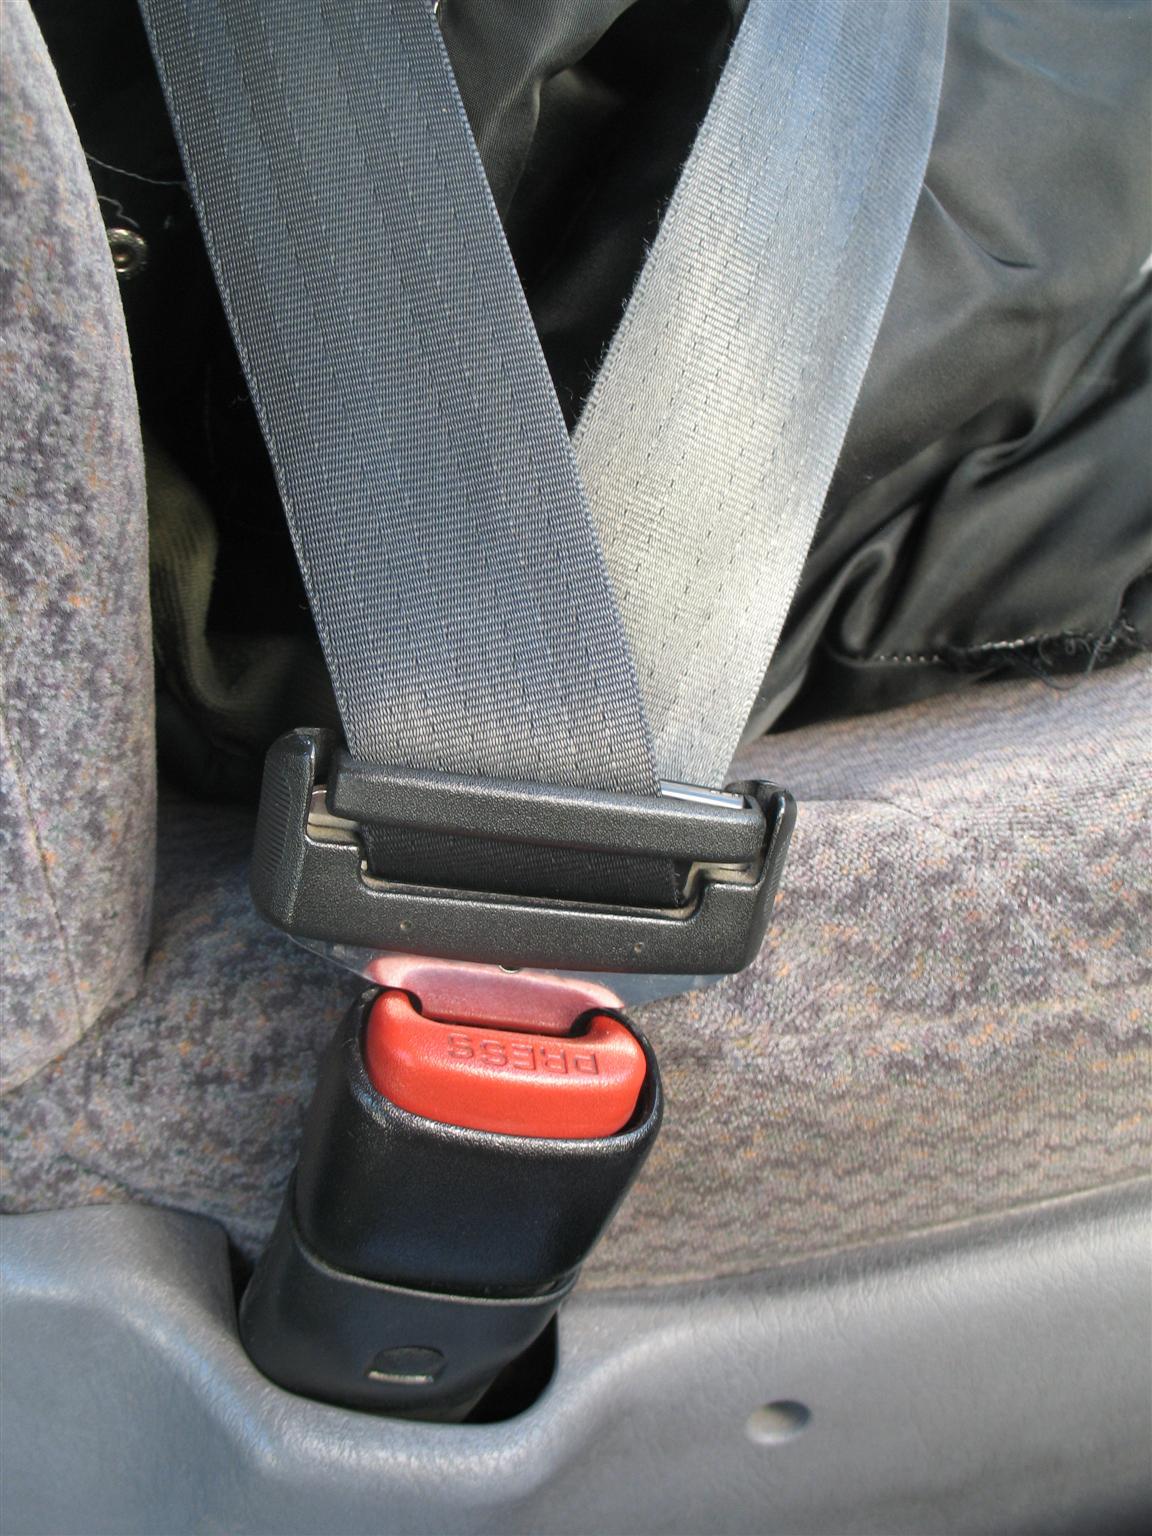 reasons to wear a seatbelt essays